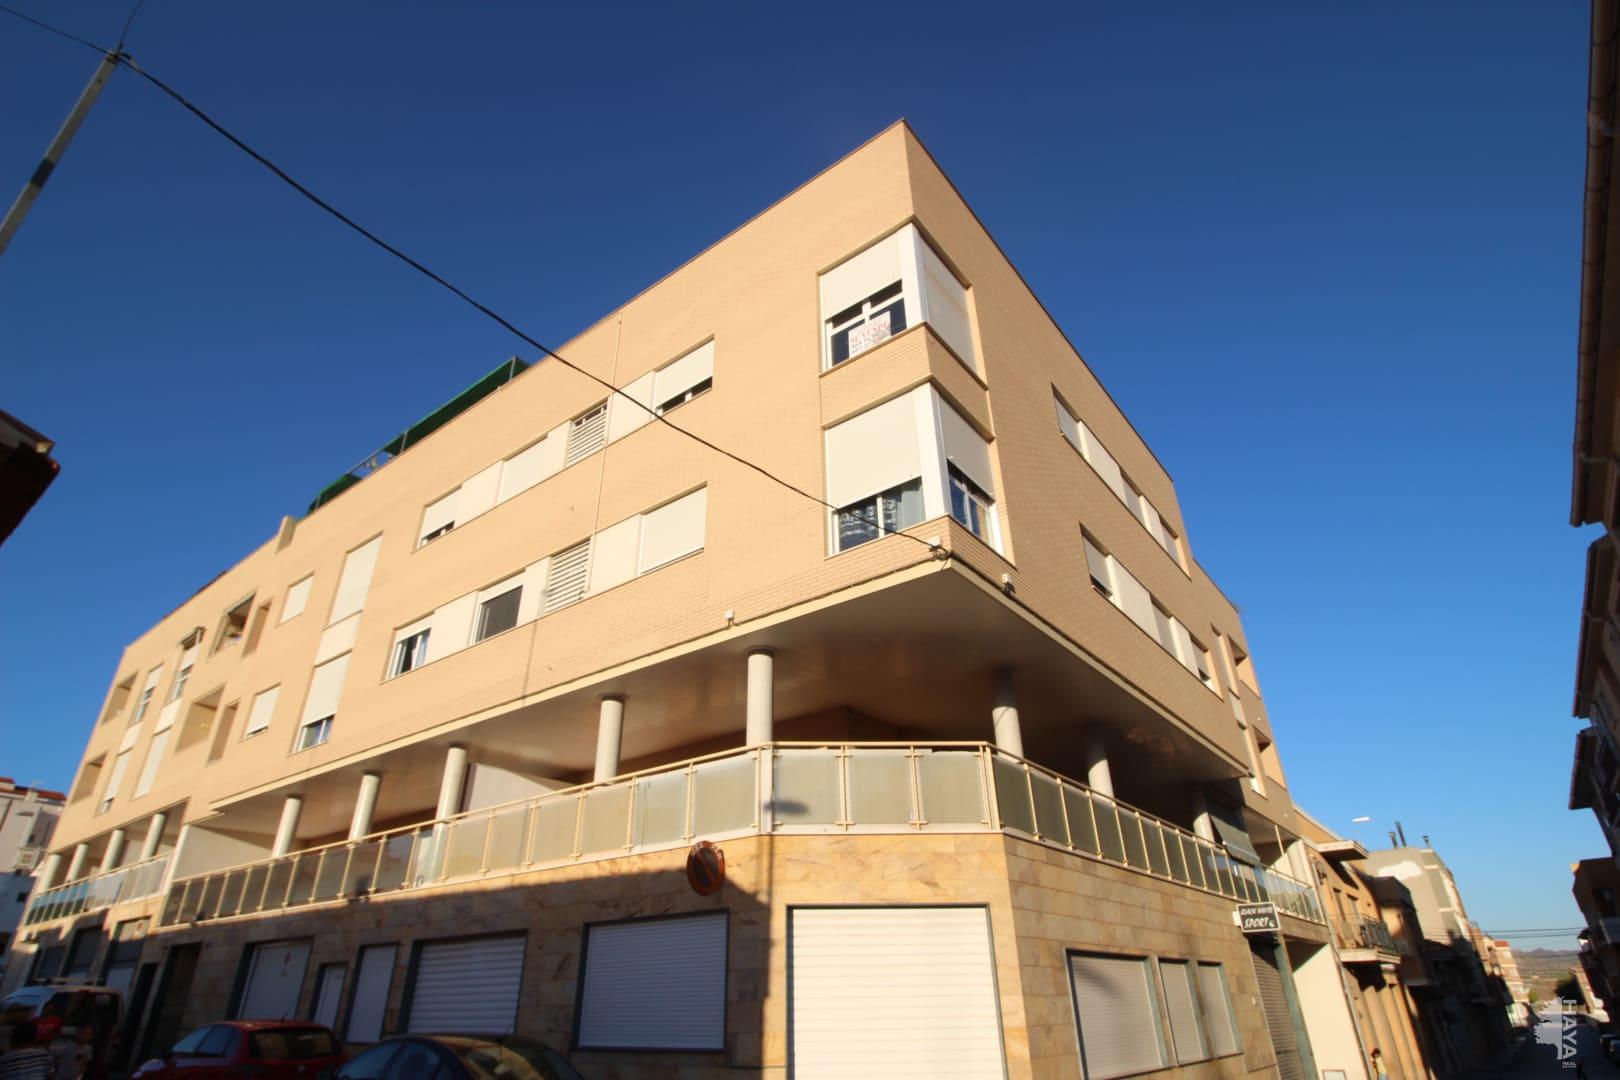 Piso en venta en La Estacada, Jumilla, Murcia, Calle Hermanos Alvarez Quintero, 78.807 €, 3 habitaciones, 2 baños, 121 m2